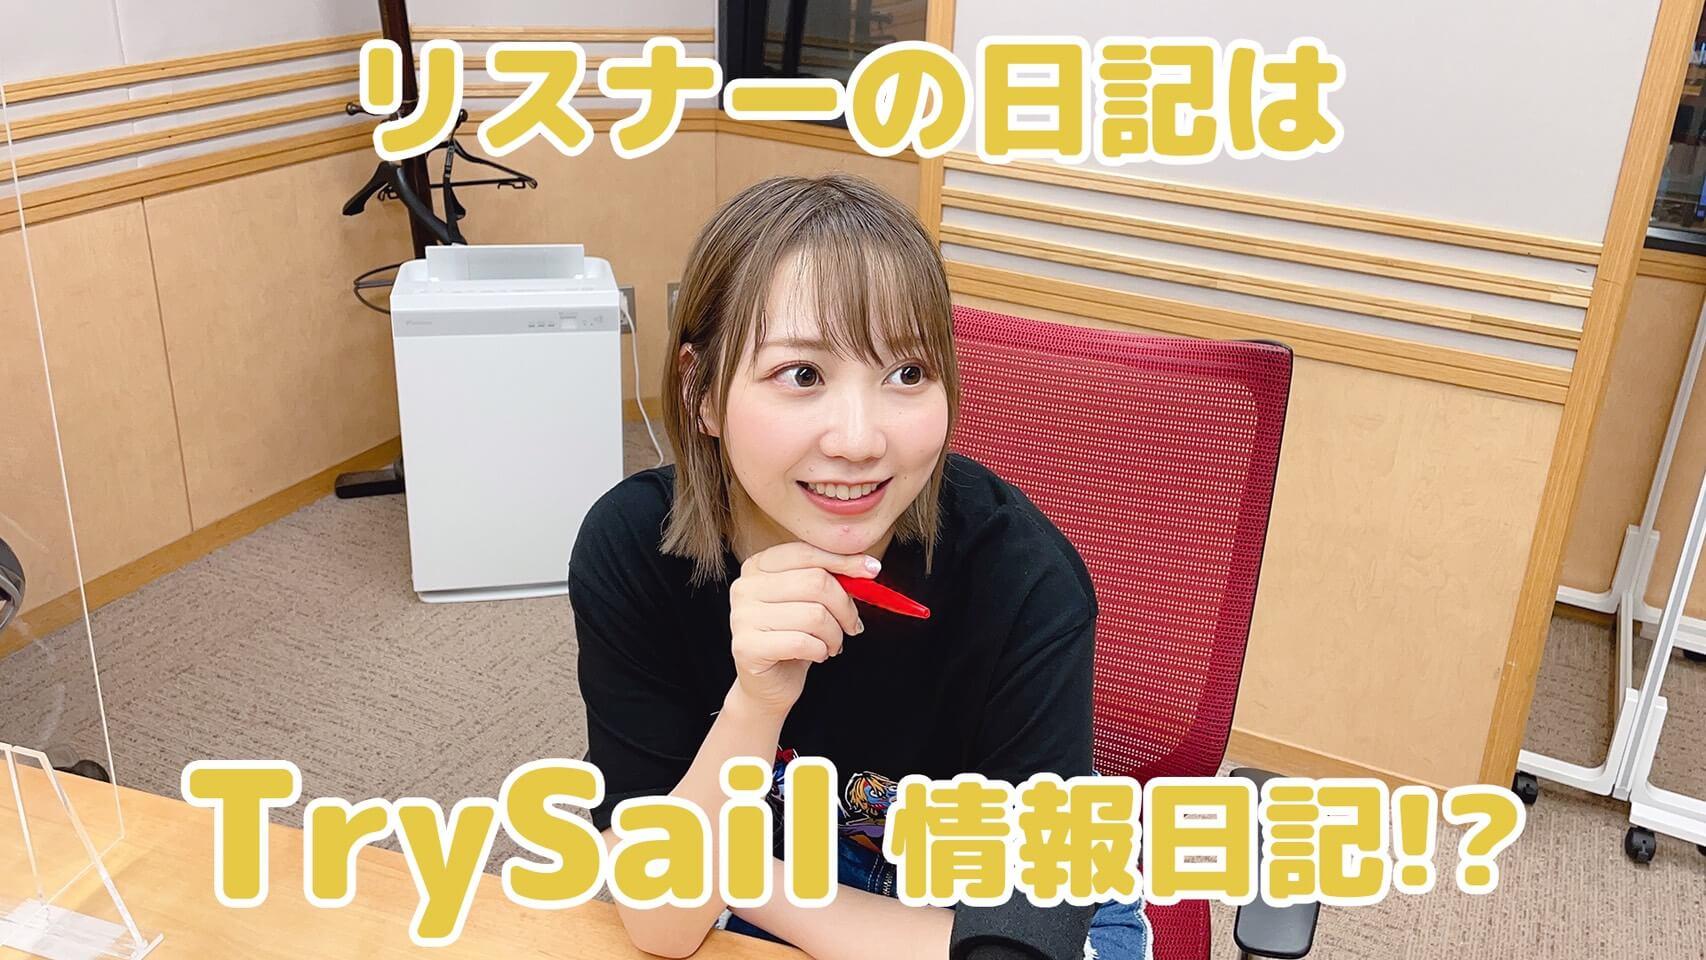 夏川椎菜、リスナーの日記はTrySail情報日記!?